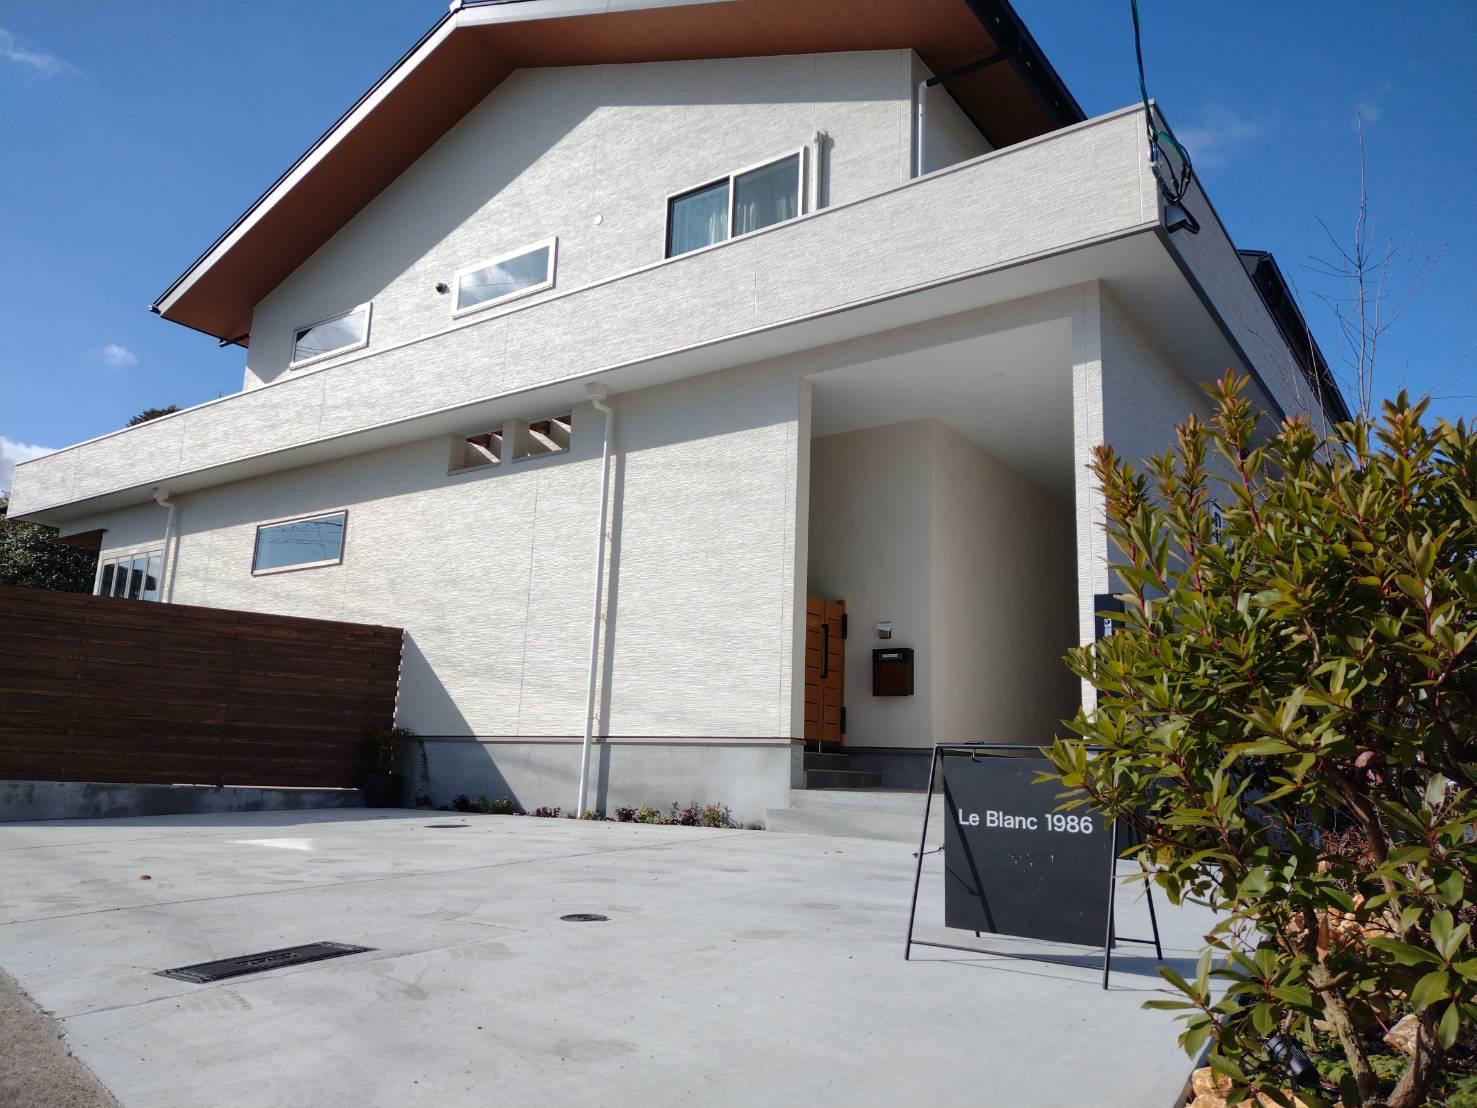 京都旅行 仁和寺へ参ろう! 右京区エリアのホテル・宿泊施設